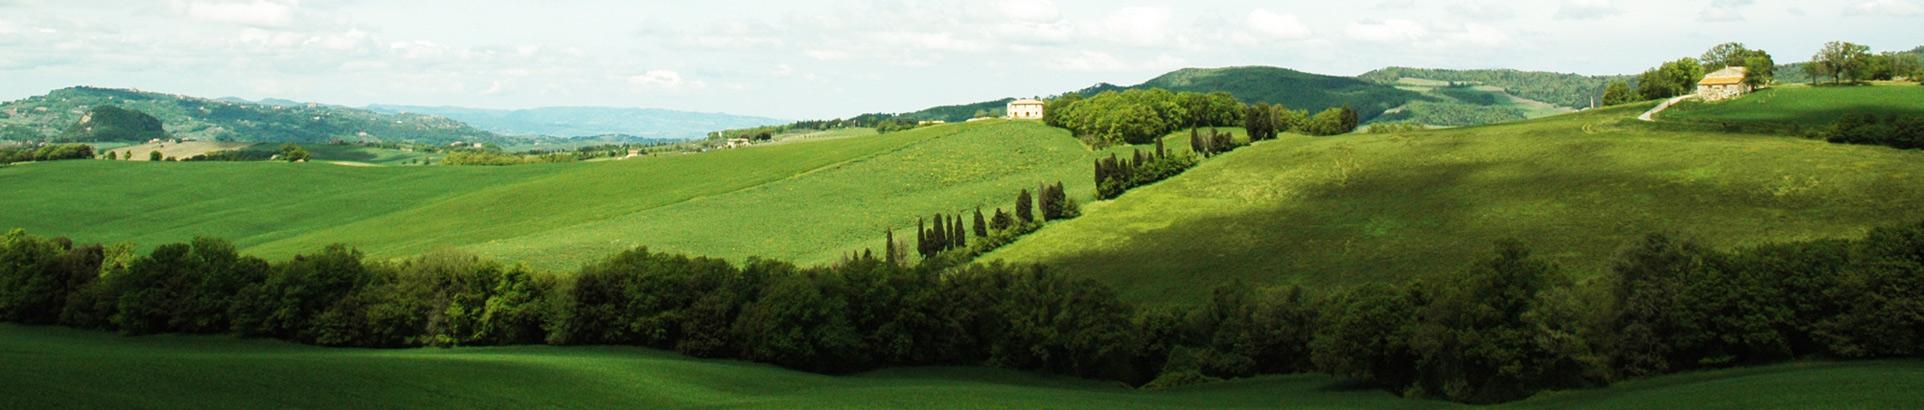 dalla Toscana studio di progettazione e realizzazione mobili artigianali 100% made in Italy